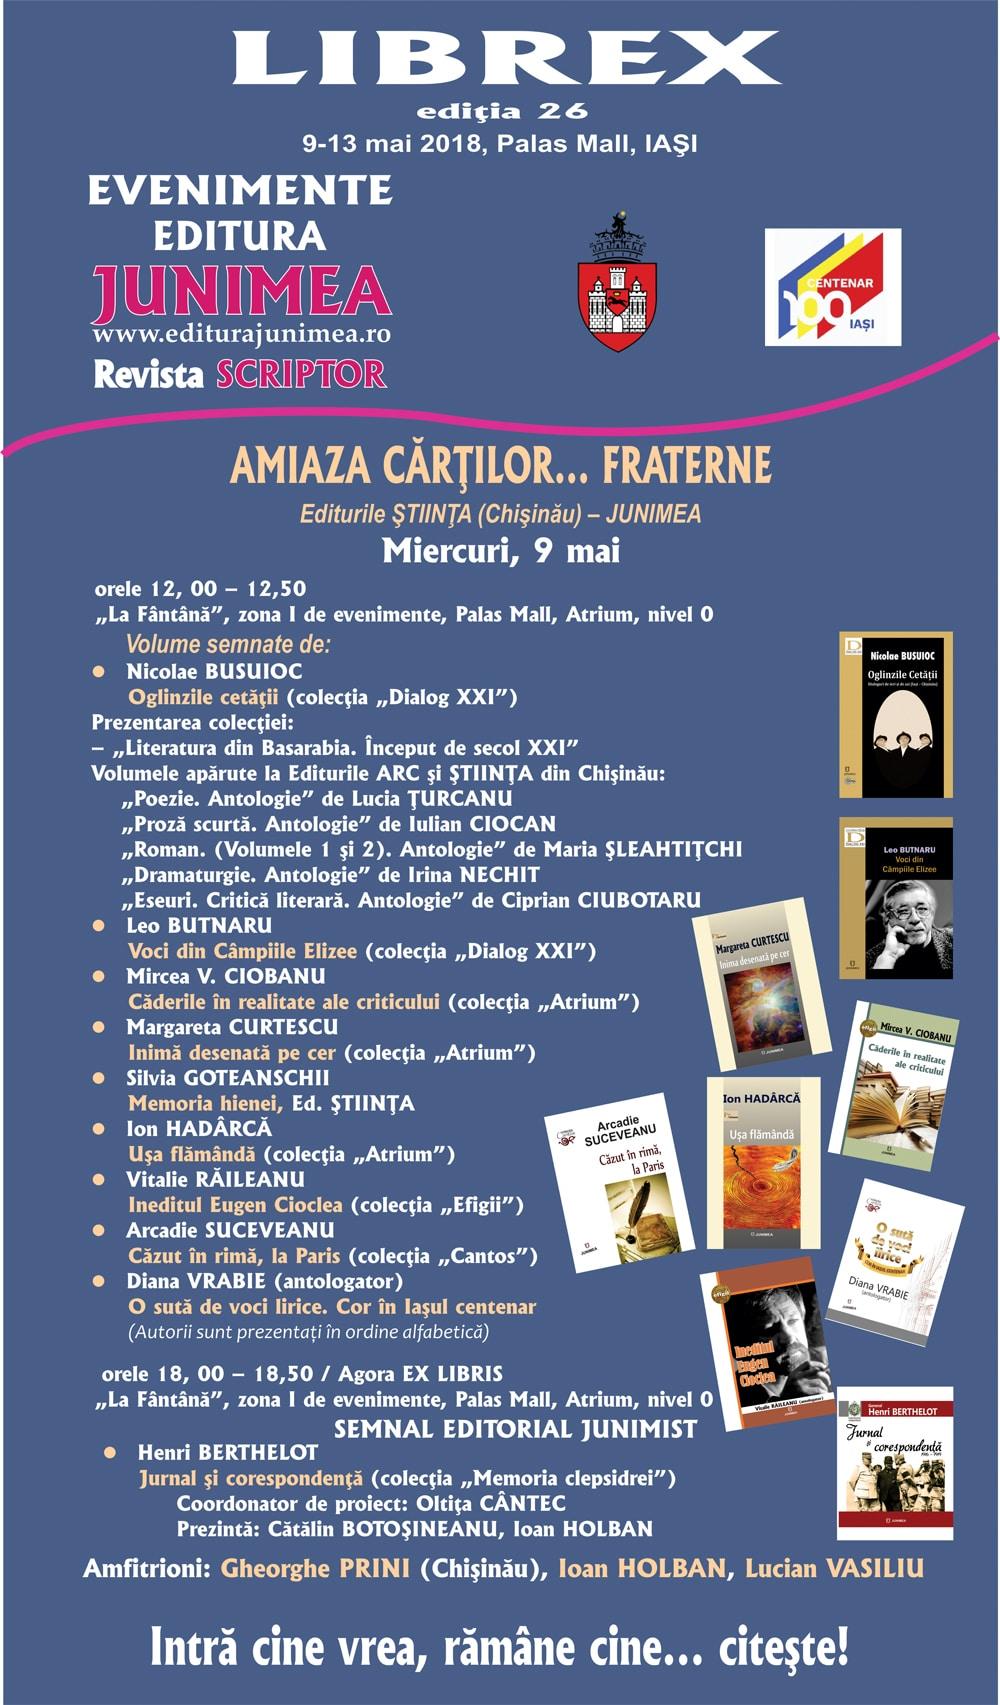 Editura Junimea la Librex 2018